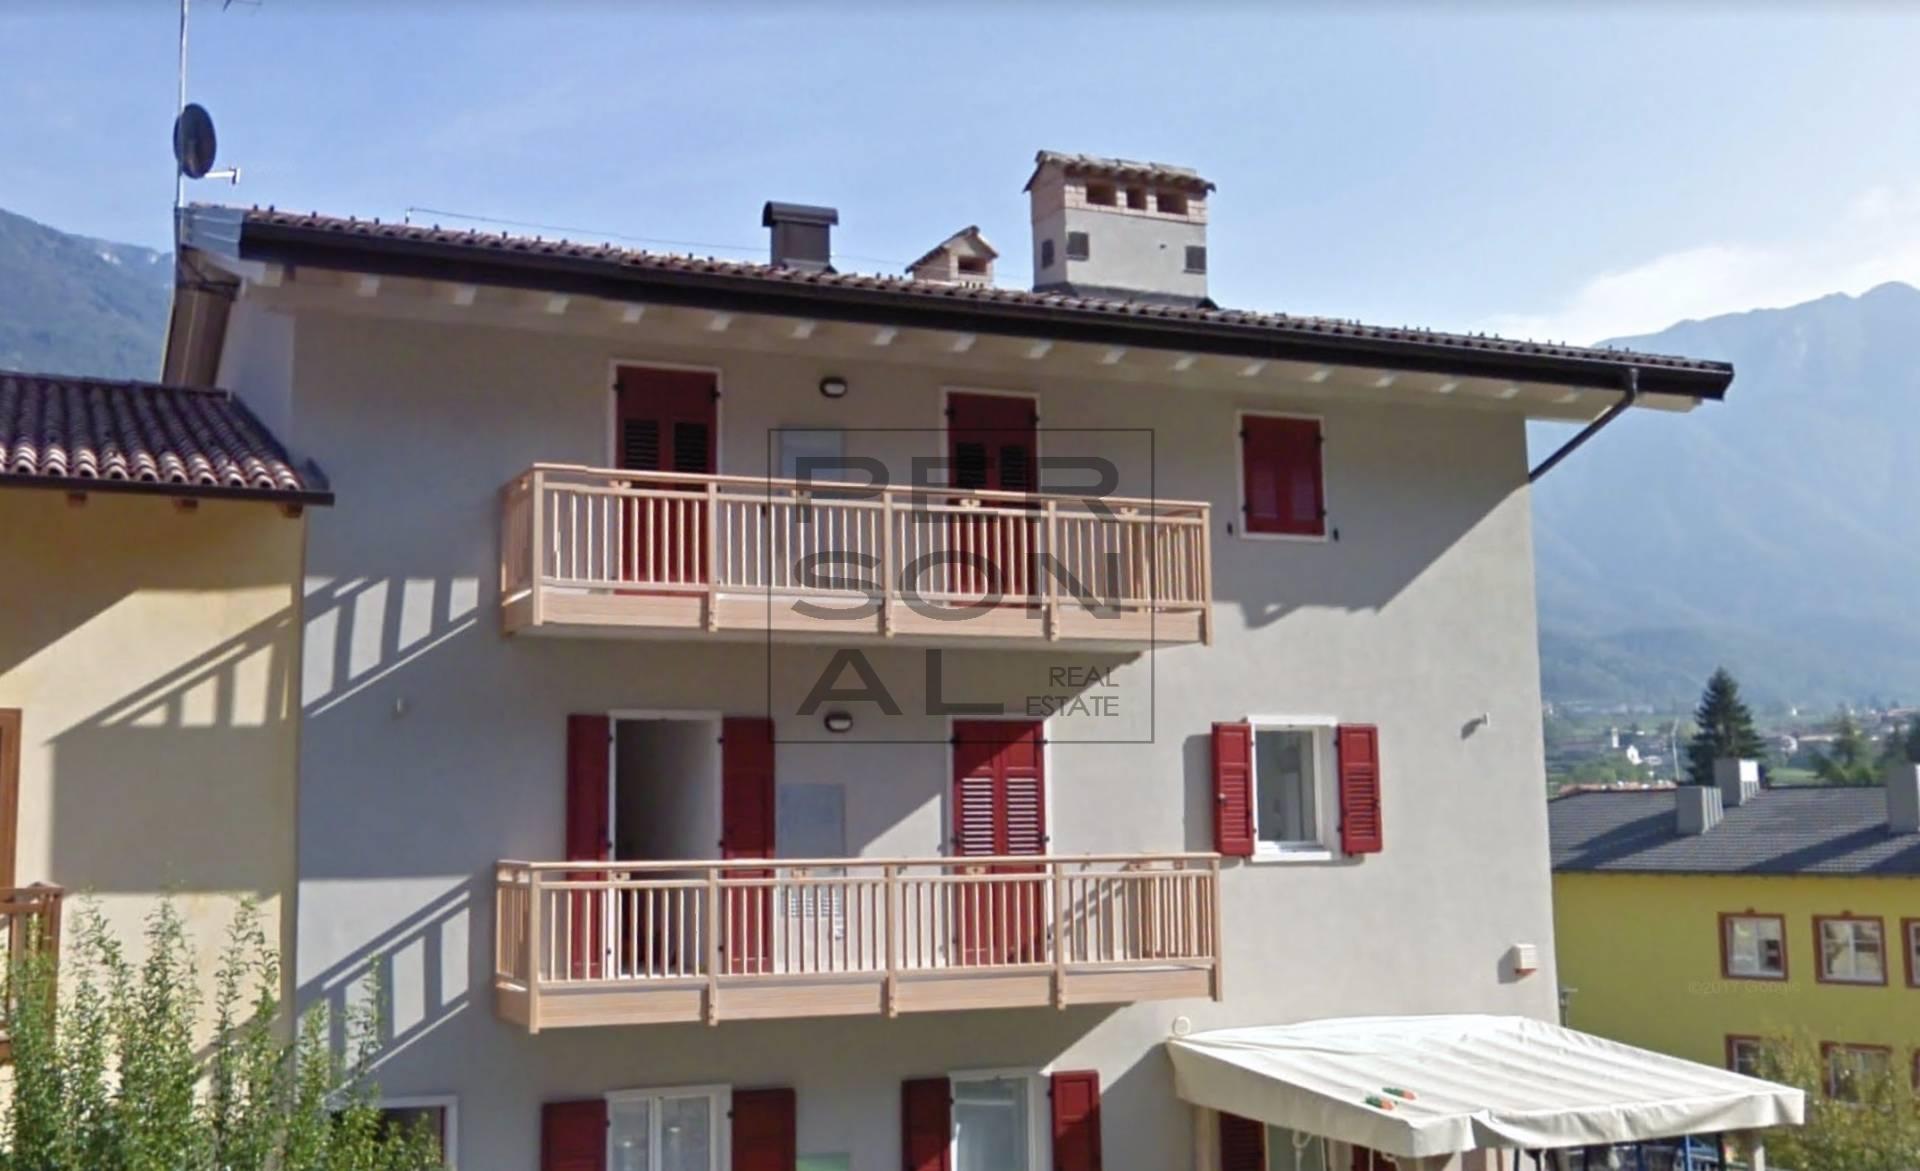 Appartamento in affitto a Cavedine, 3 locali, prezzo € 450 | CambioCasa.it